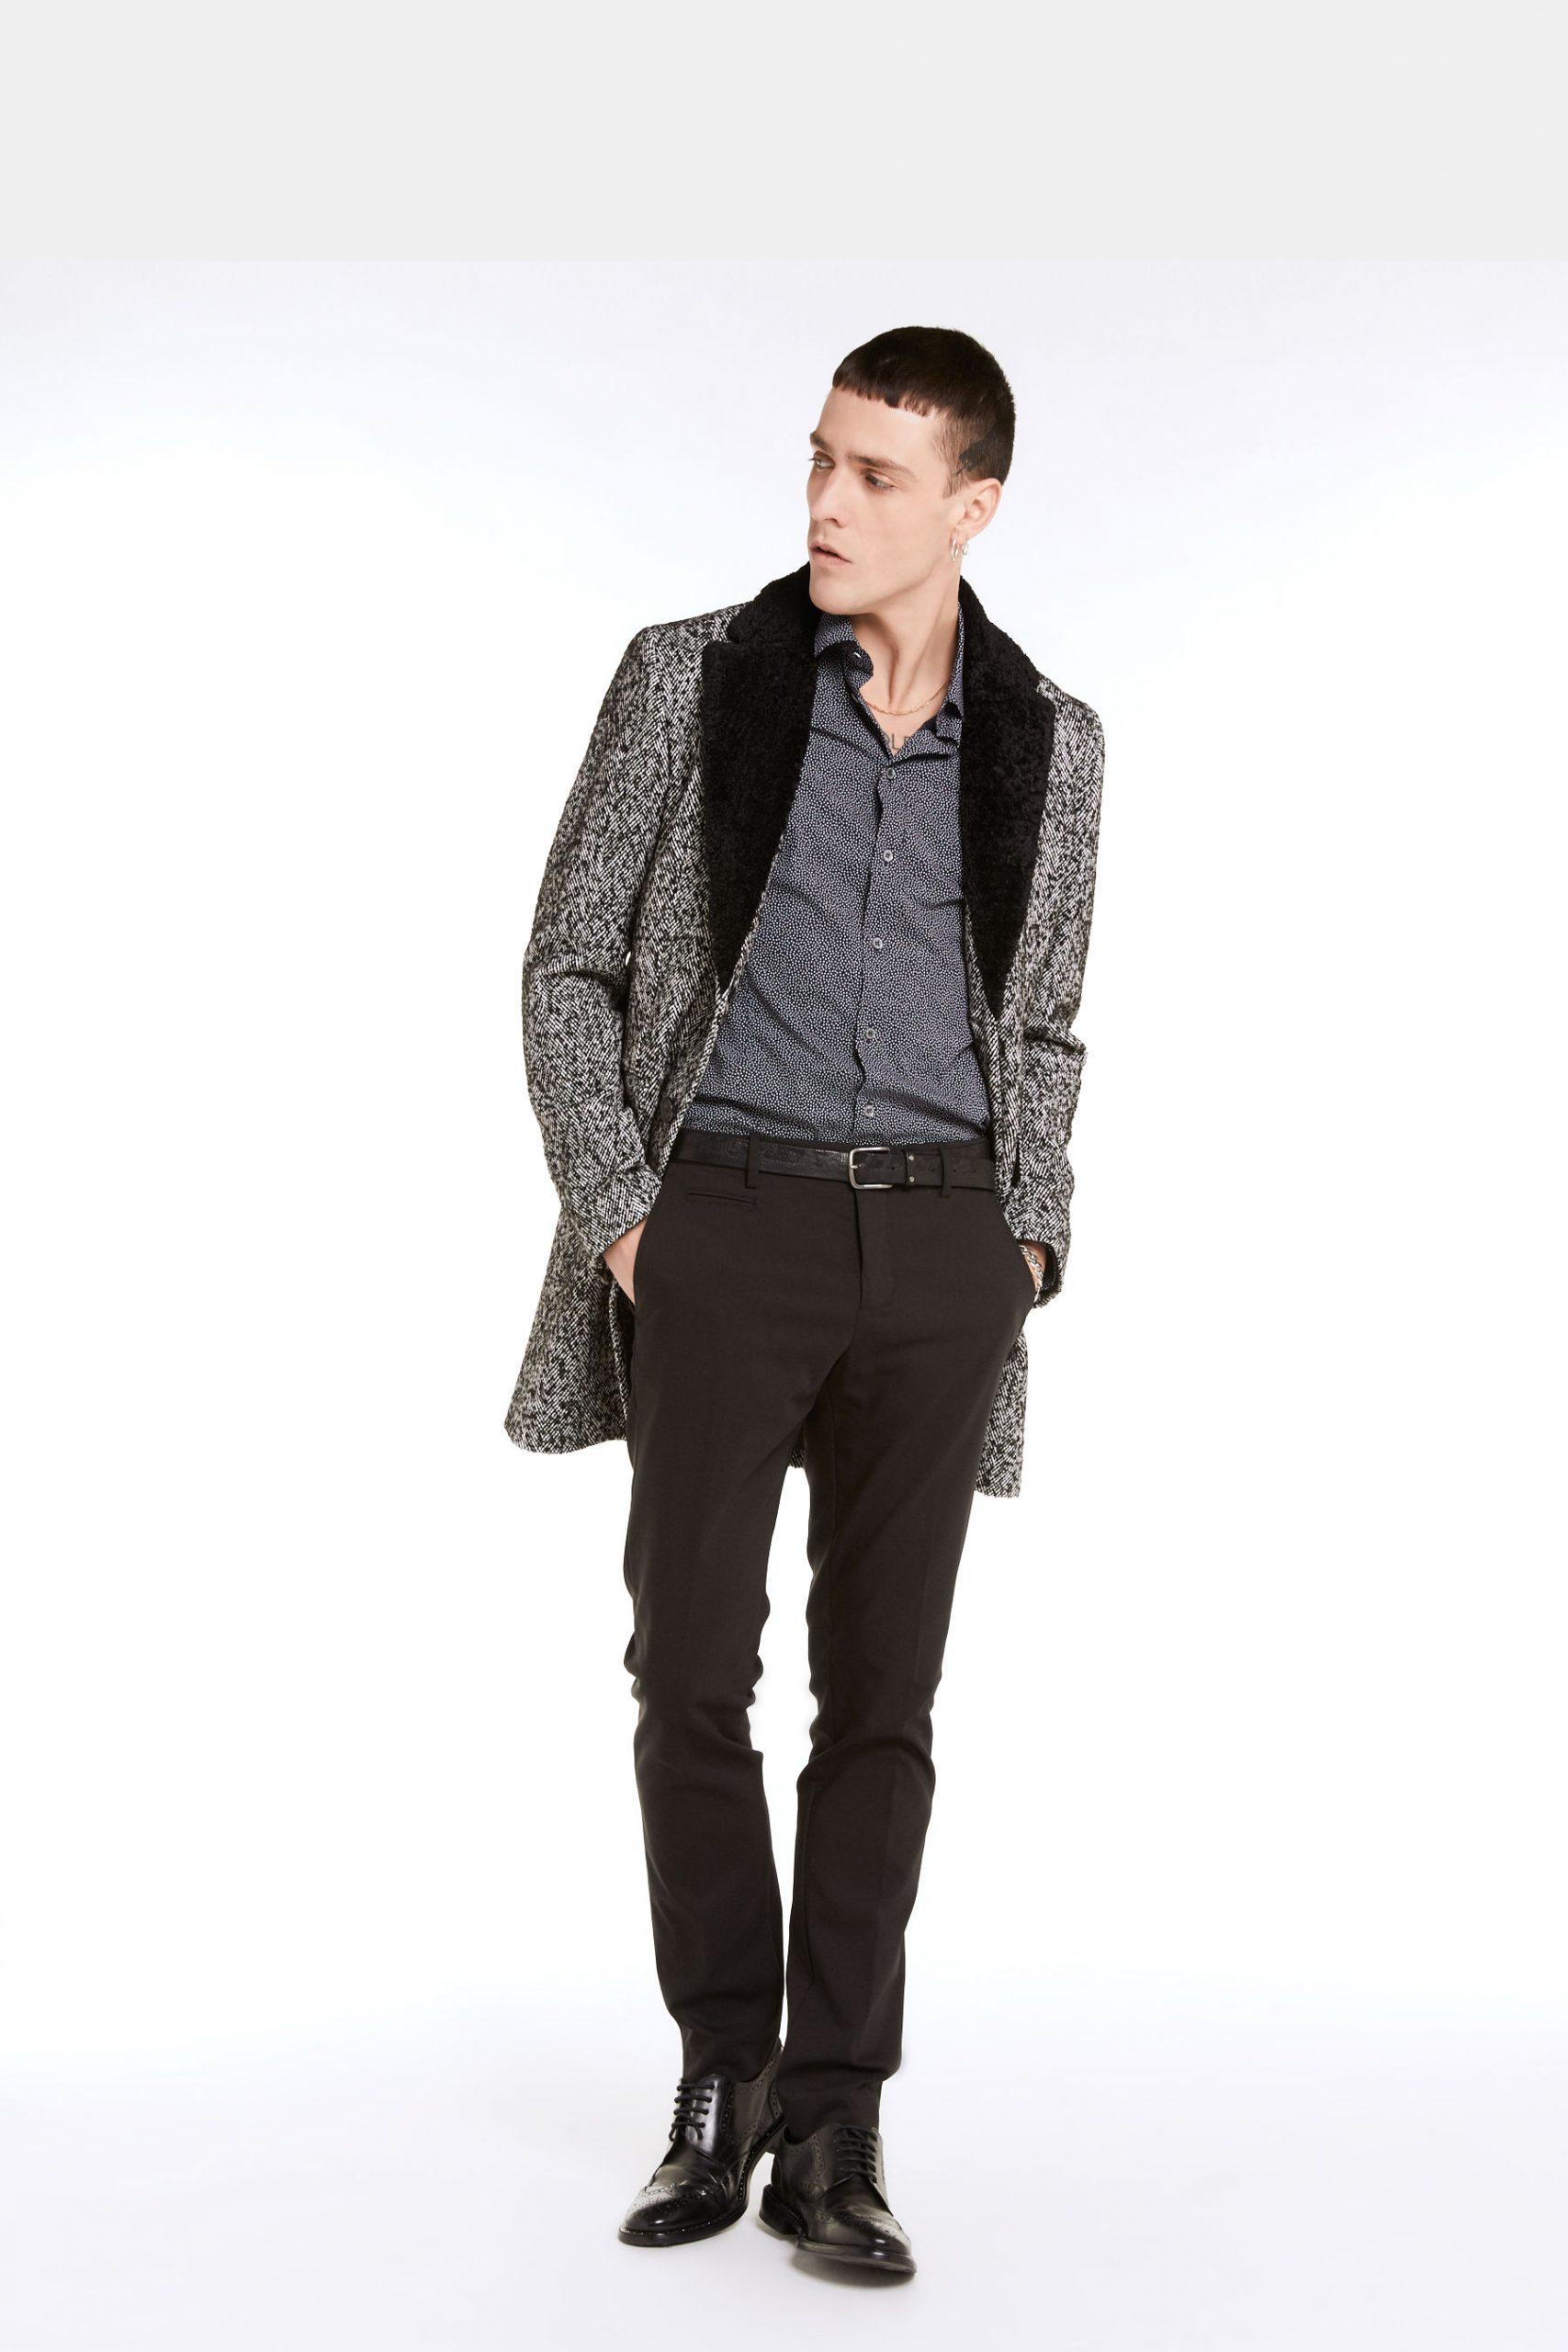 Abbigliamento Patrizia Pepe  Cappotto Resca Optical male collezione 2020 shop the look